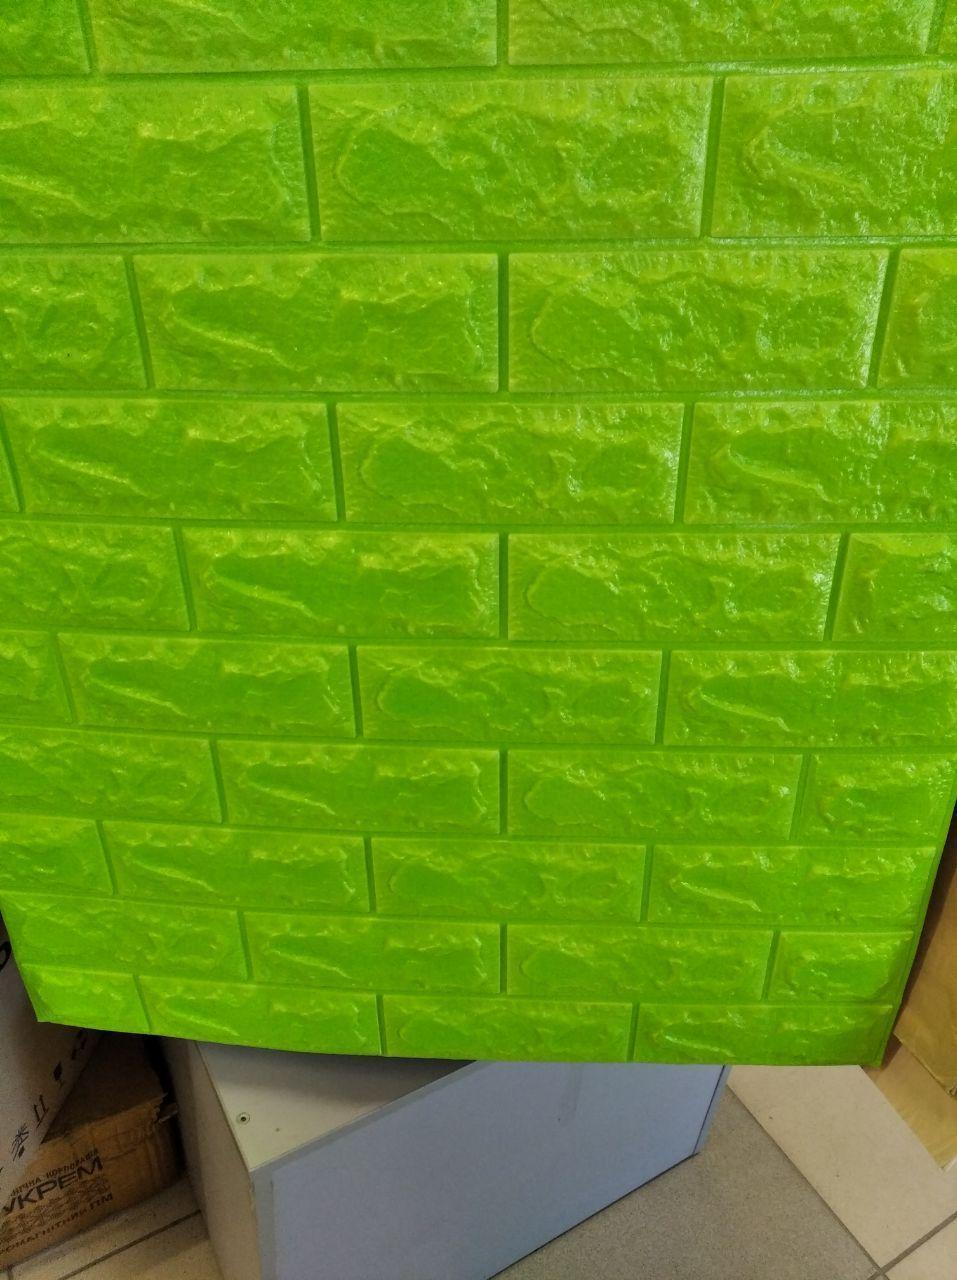 Панель стеновая 3D Sticker Wall Sticker Wall самоклеющаяся 70х77 см зеленый кирпич